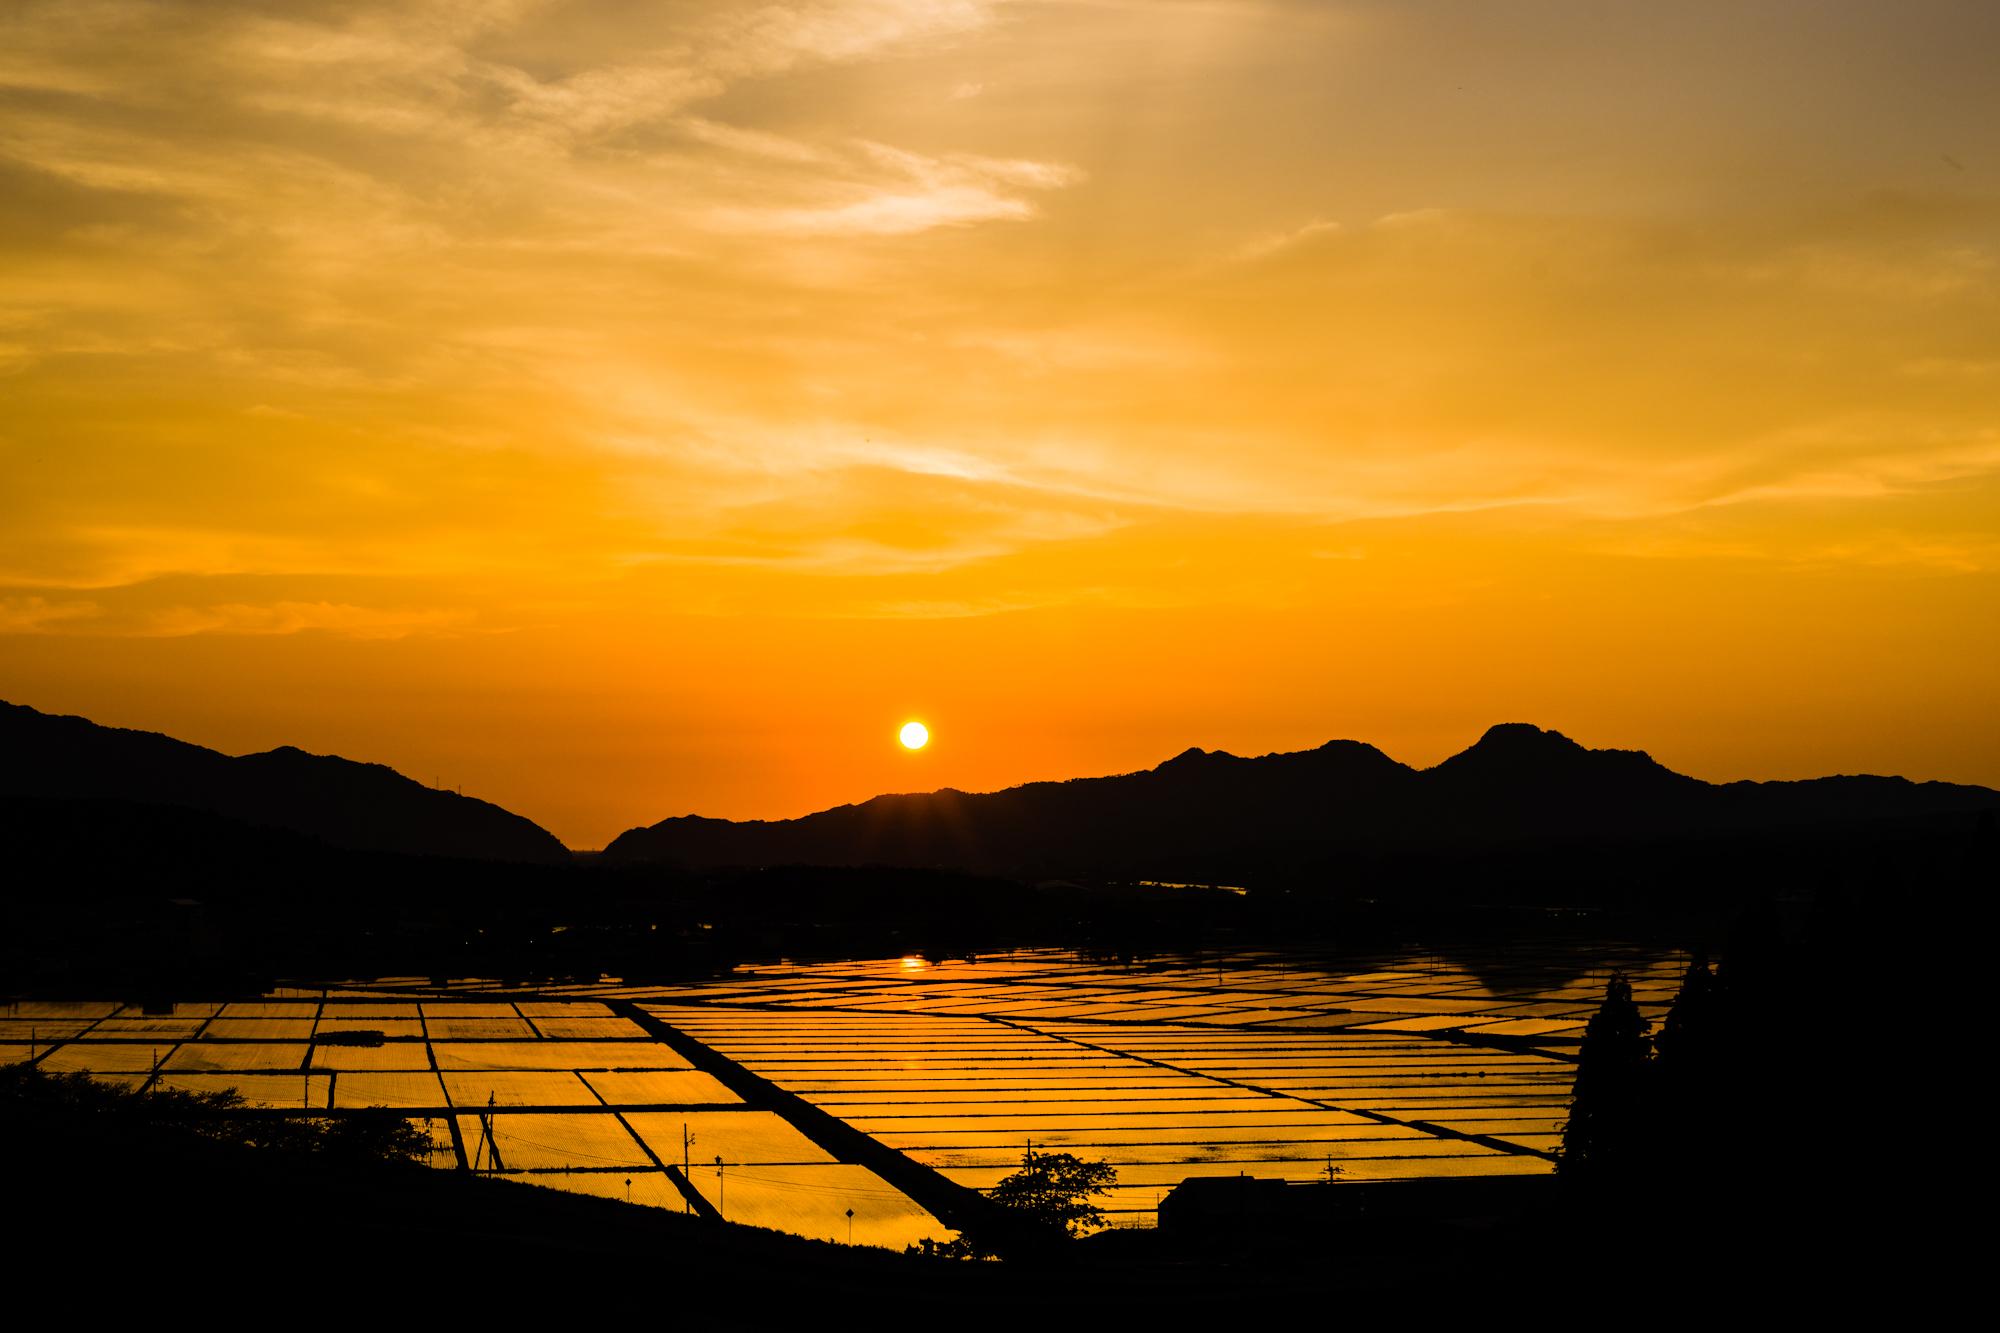 新潟県 関川村夕景